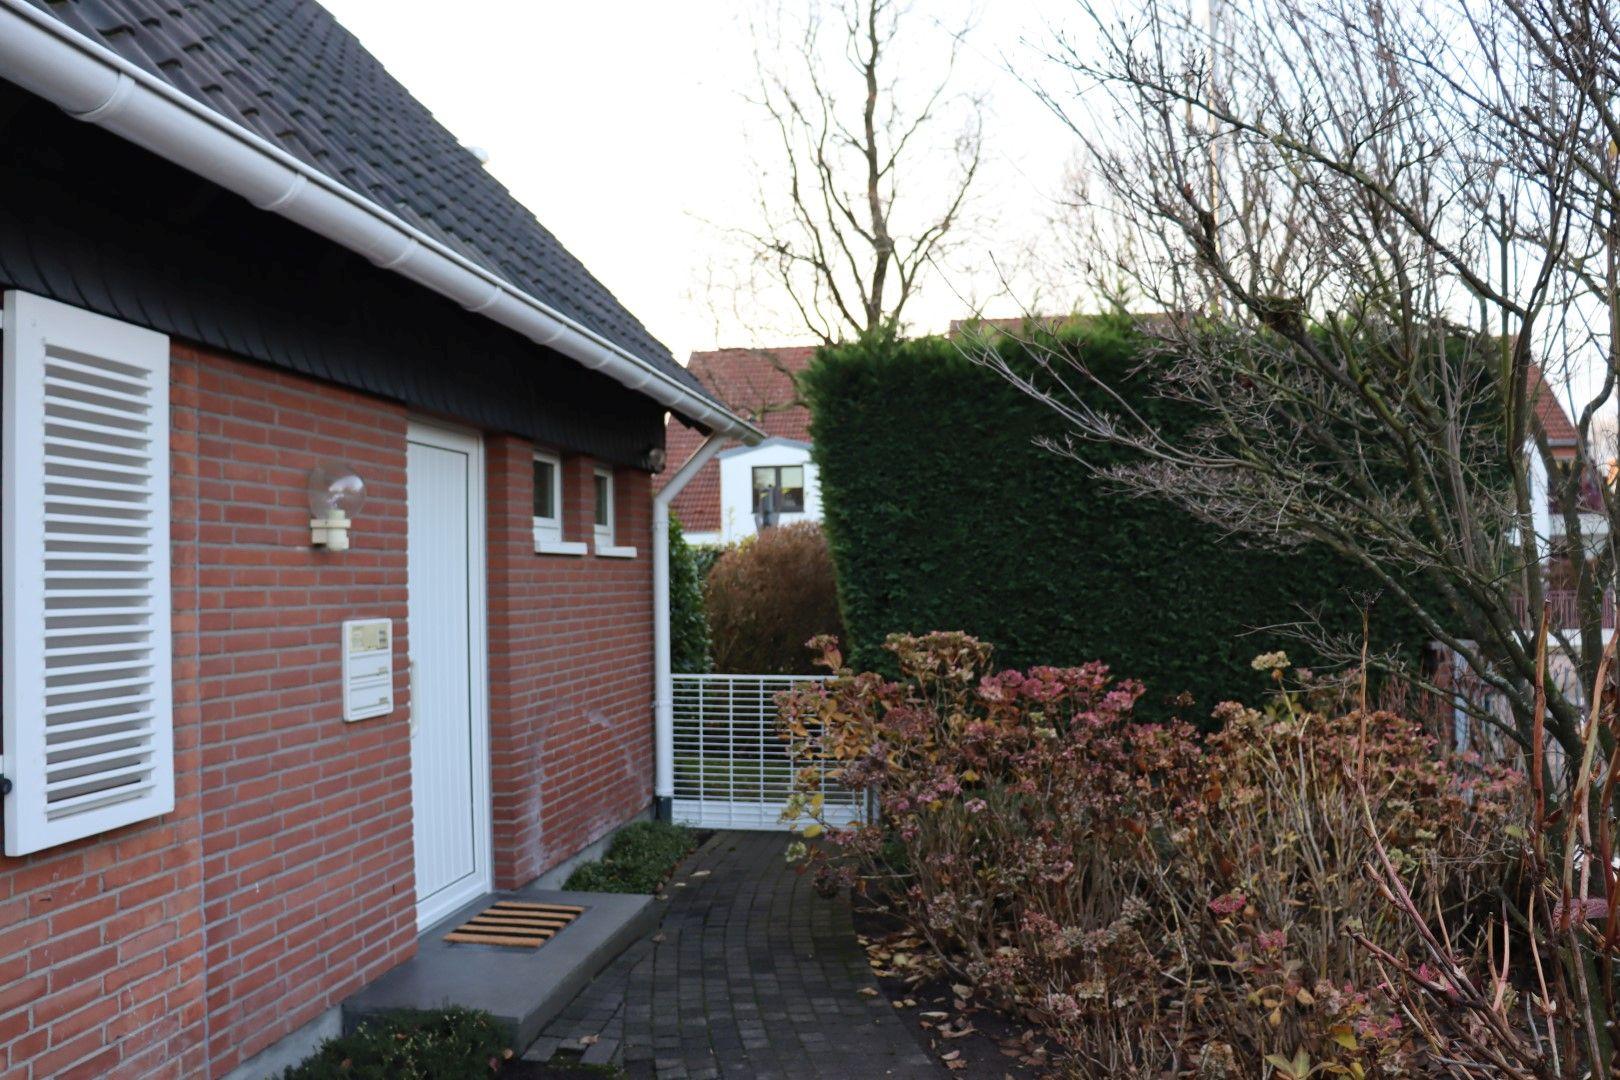 Immobilie Nr.0284 - 3 Räume, Küche, Badezimmer, Stellplatz - Bild 3.jpg